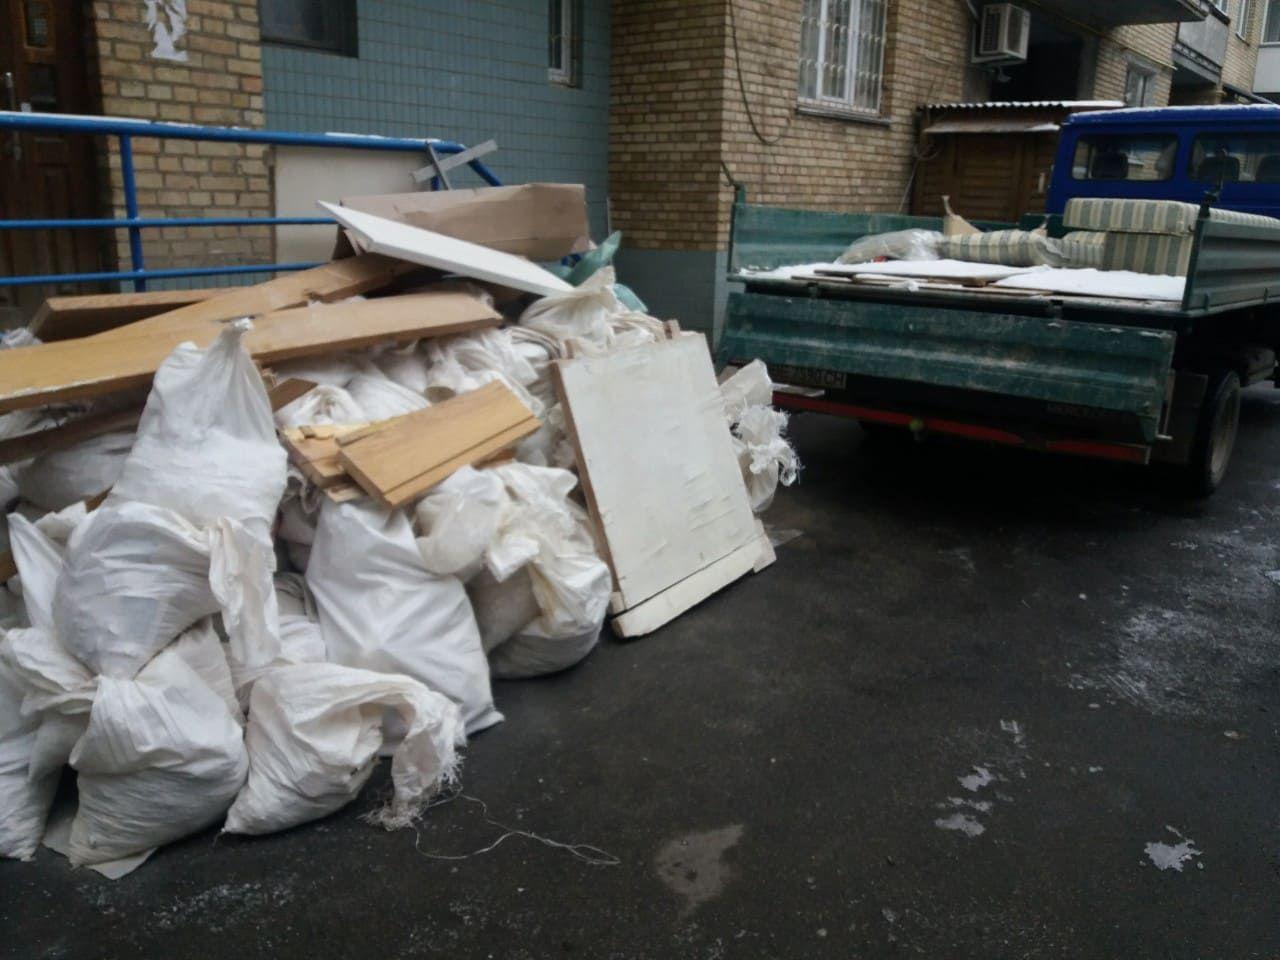 Мы пообщались с сотрудниками компании, которая предоставляет своим клиентам такую услугу, каквывоз строительного мусора и узнали про особенности процесса